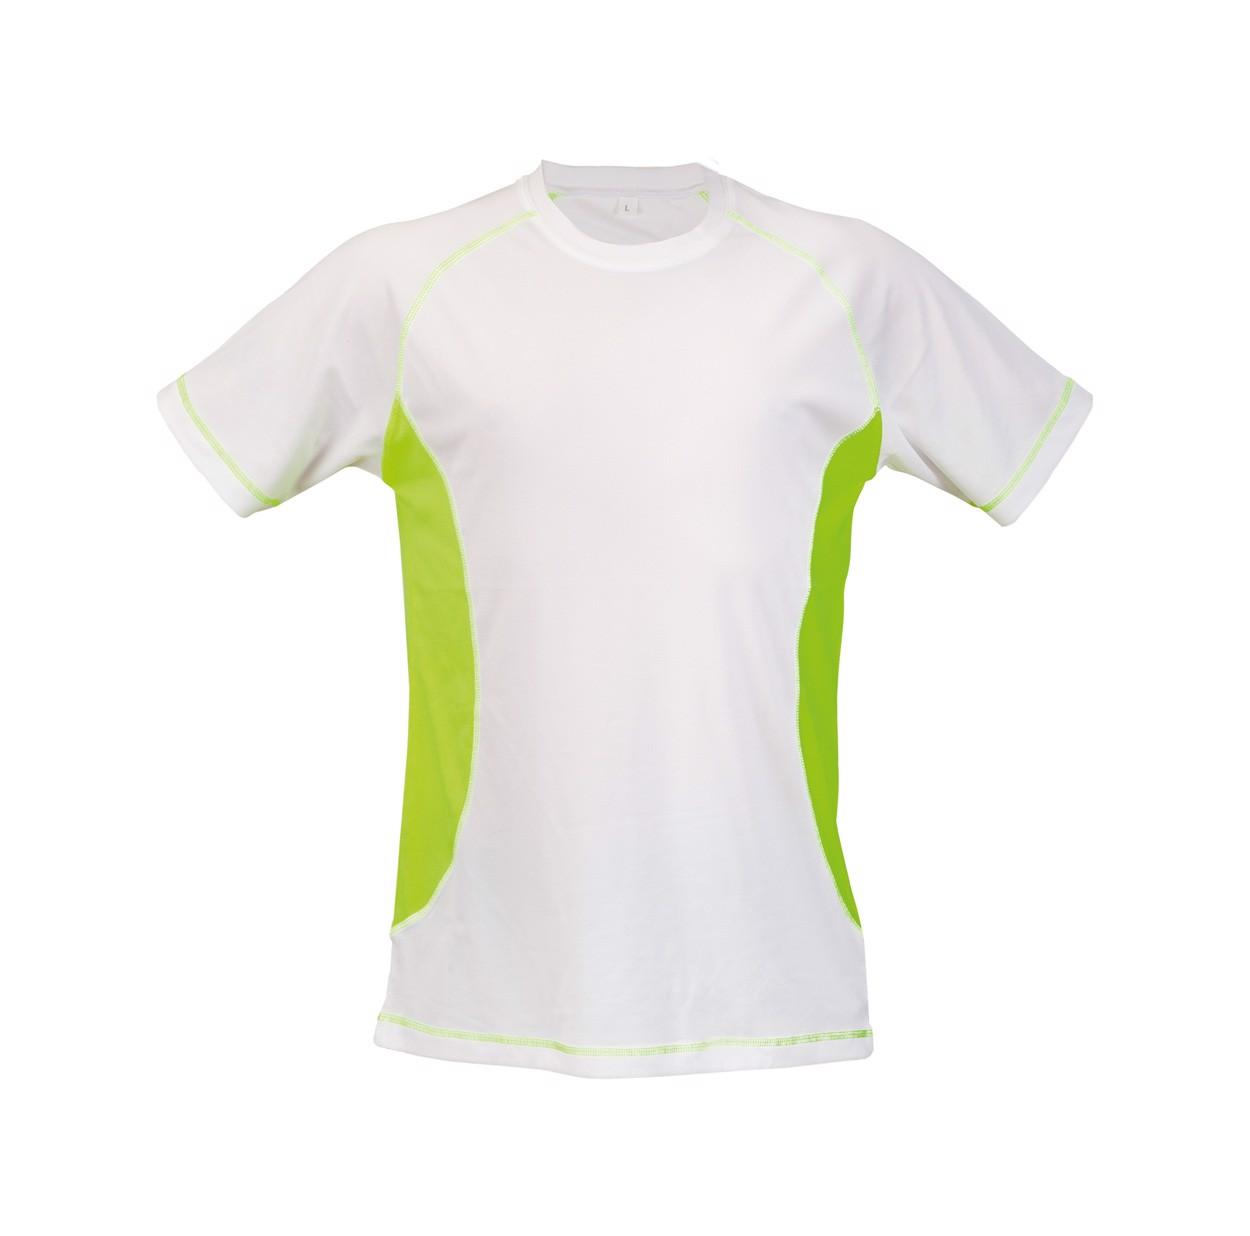 Tričko Combi - Fluorescenční Žlutá / Bílá / L